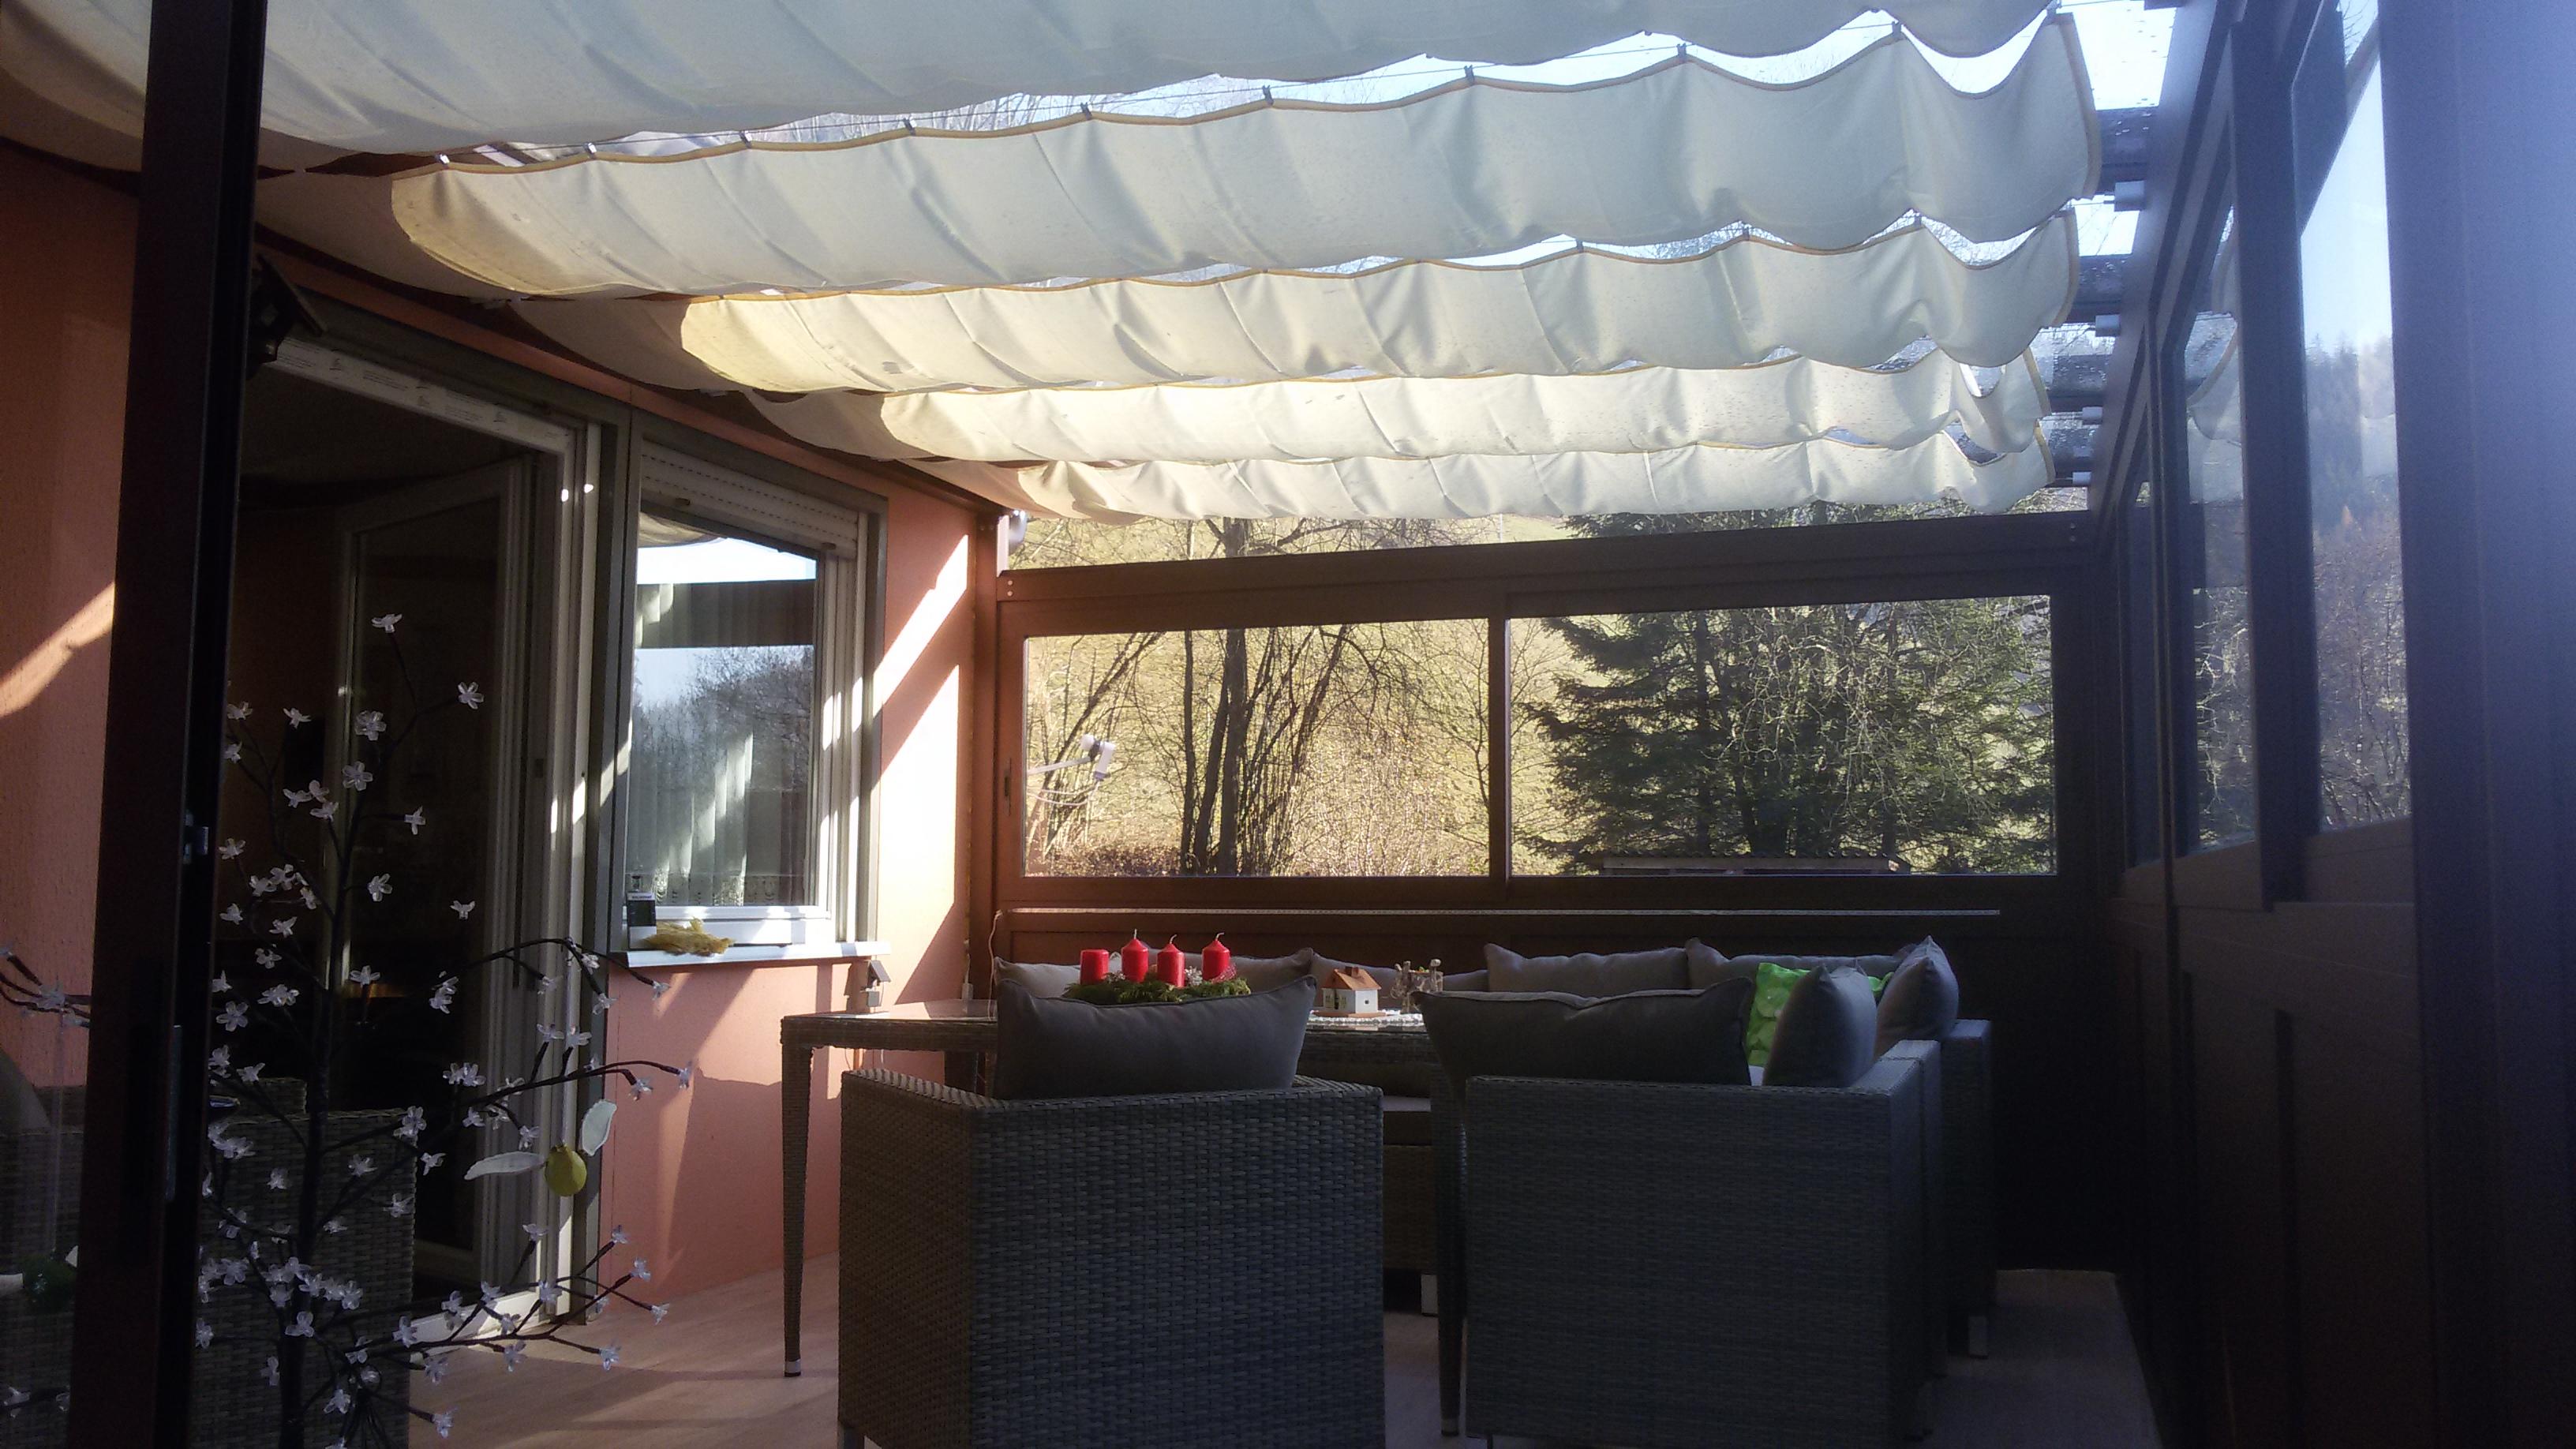 Seilspannsegel als Sonnenschutz im Wintergarten